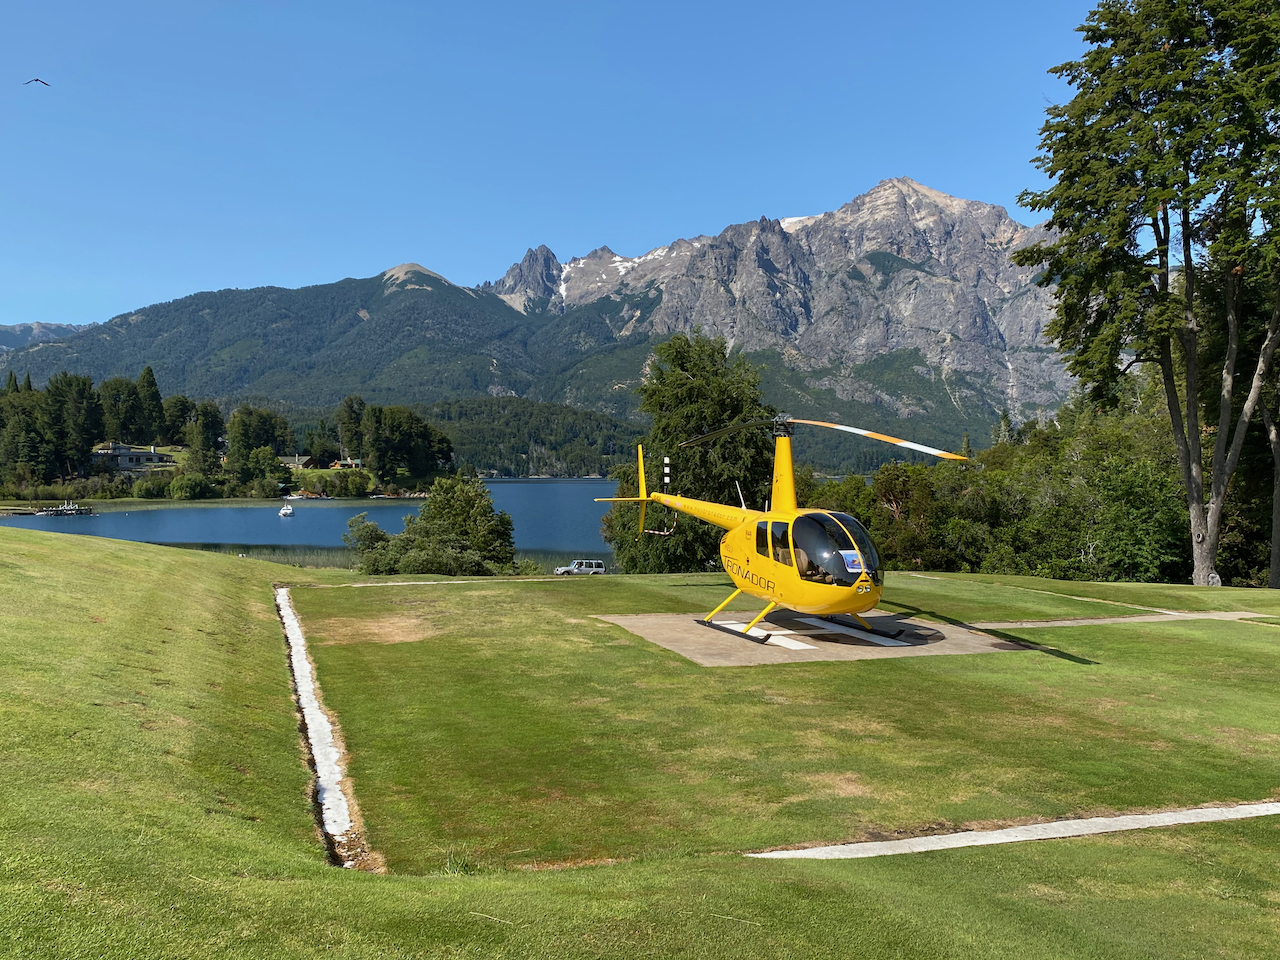 Der Helikopter Landeplatz an Loch 4.